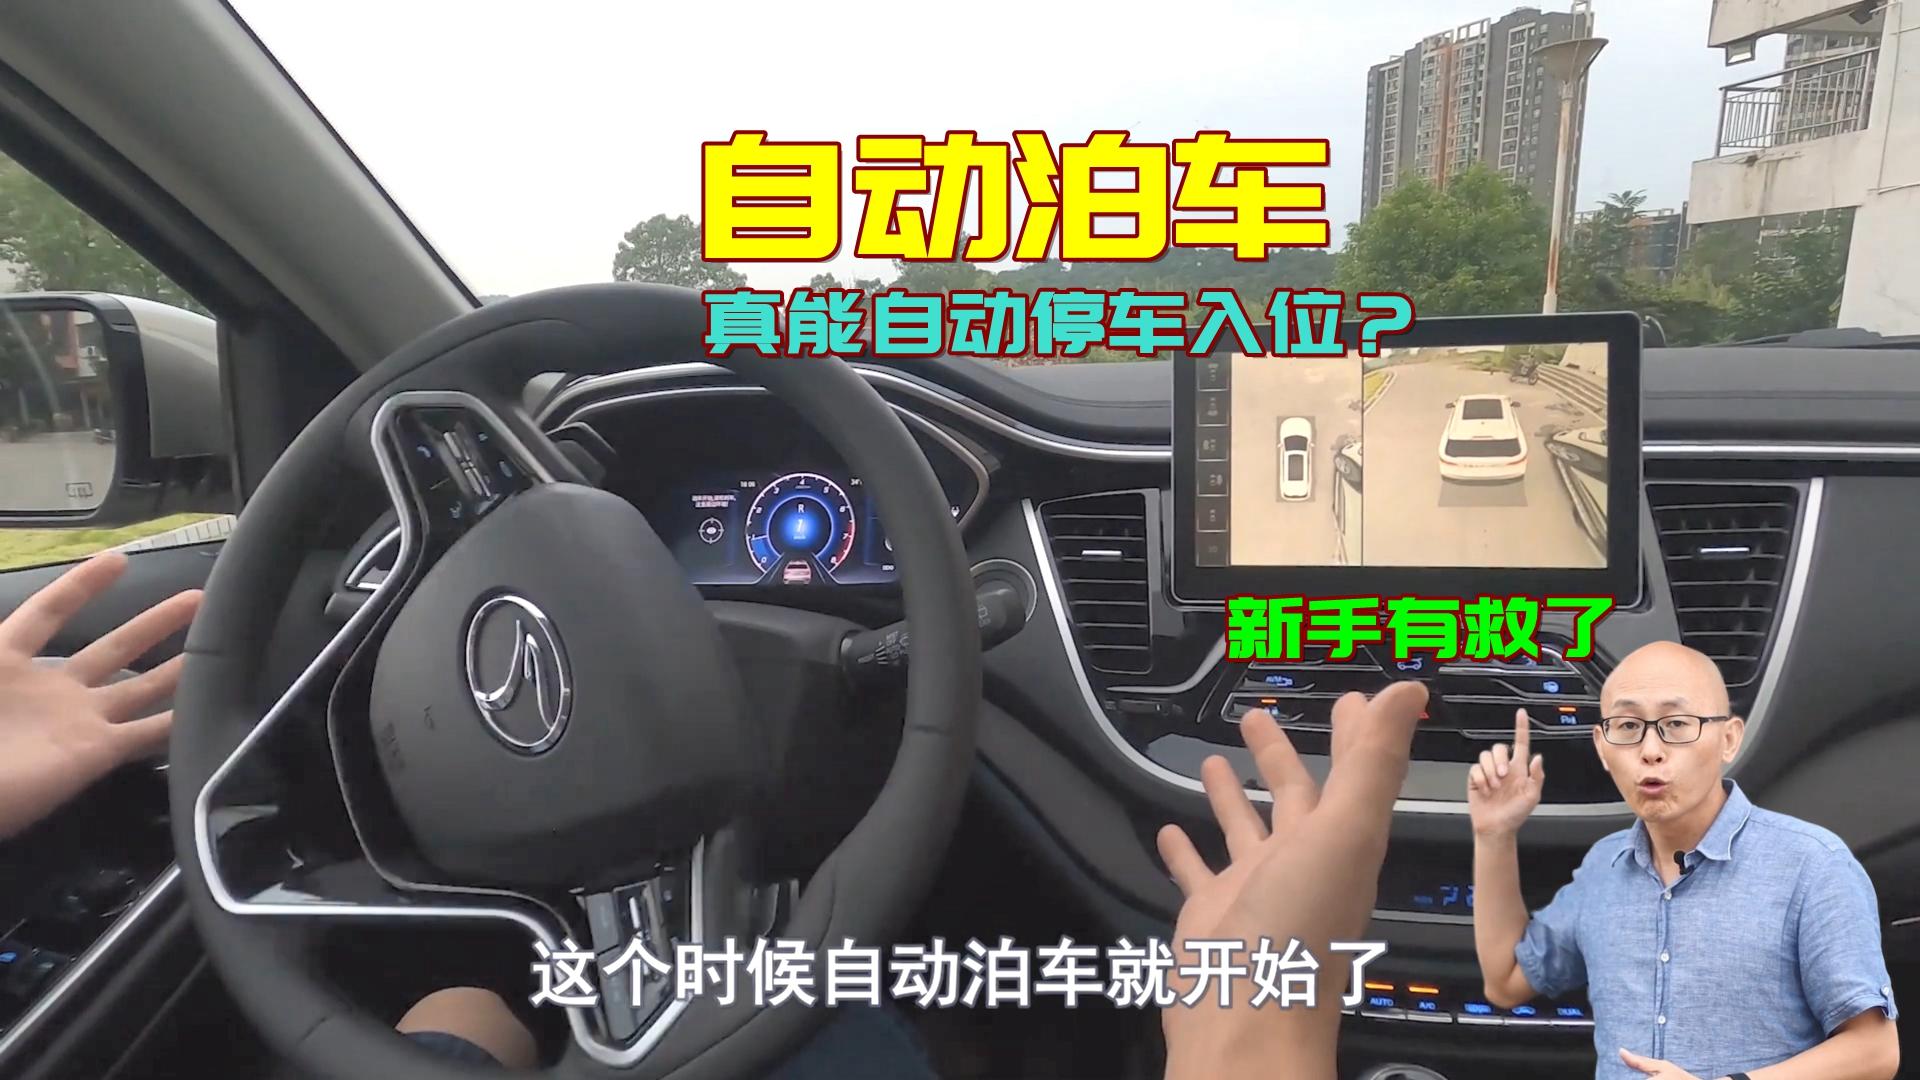 自动泊车真能把车停进车位吗?实车测试给你看,新手司机有救了?